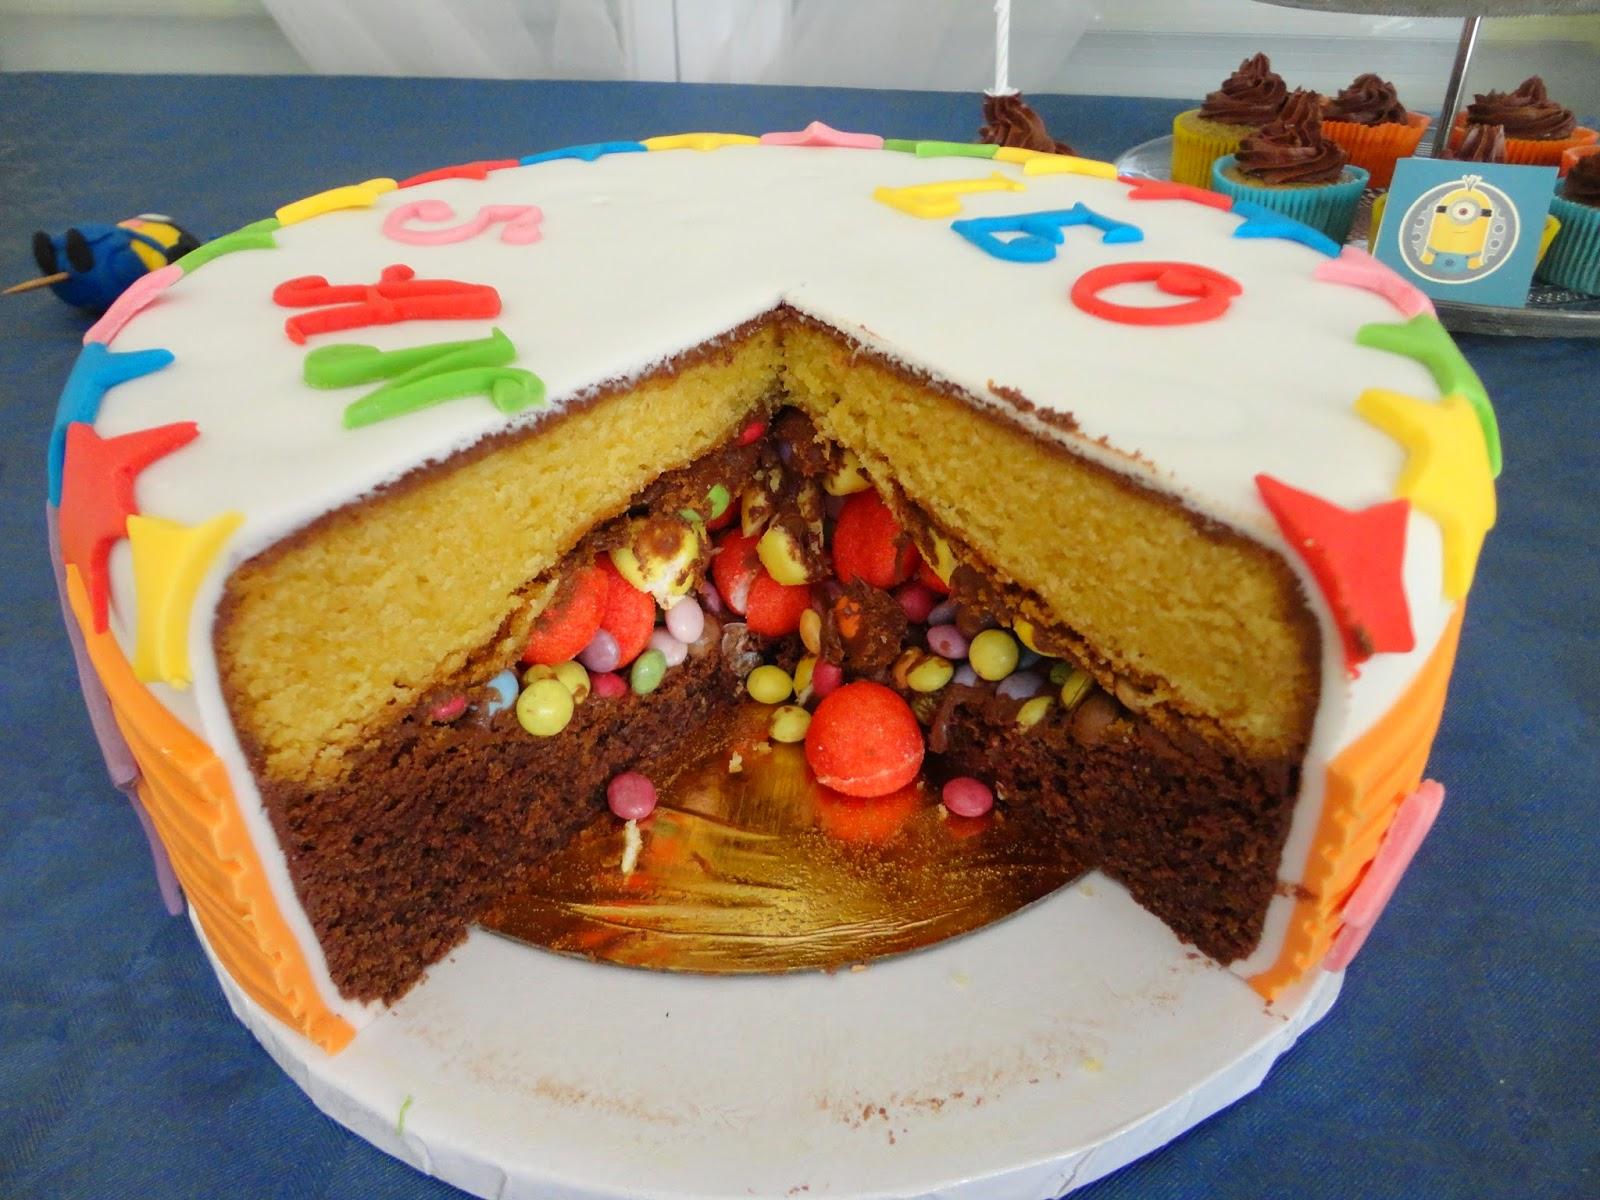 Bien-aimé La Petite Pâtisserie de Marie: Décoration de gâteaux rapide et facile PE78